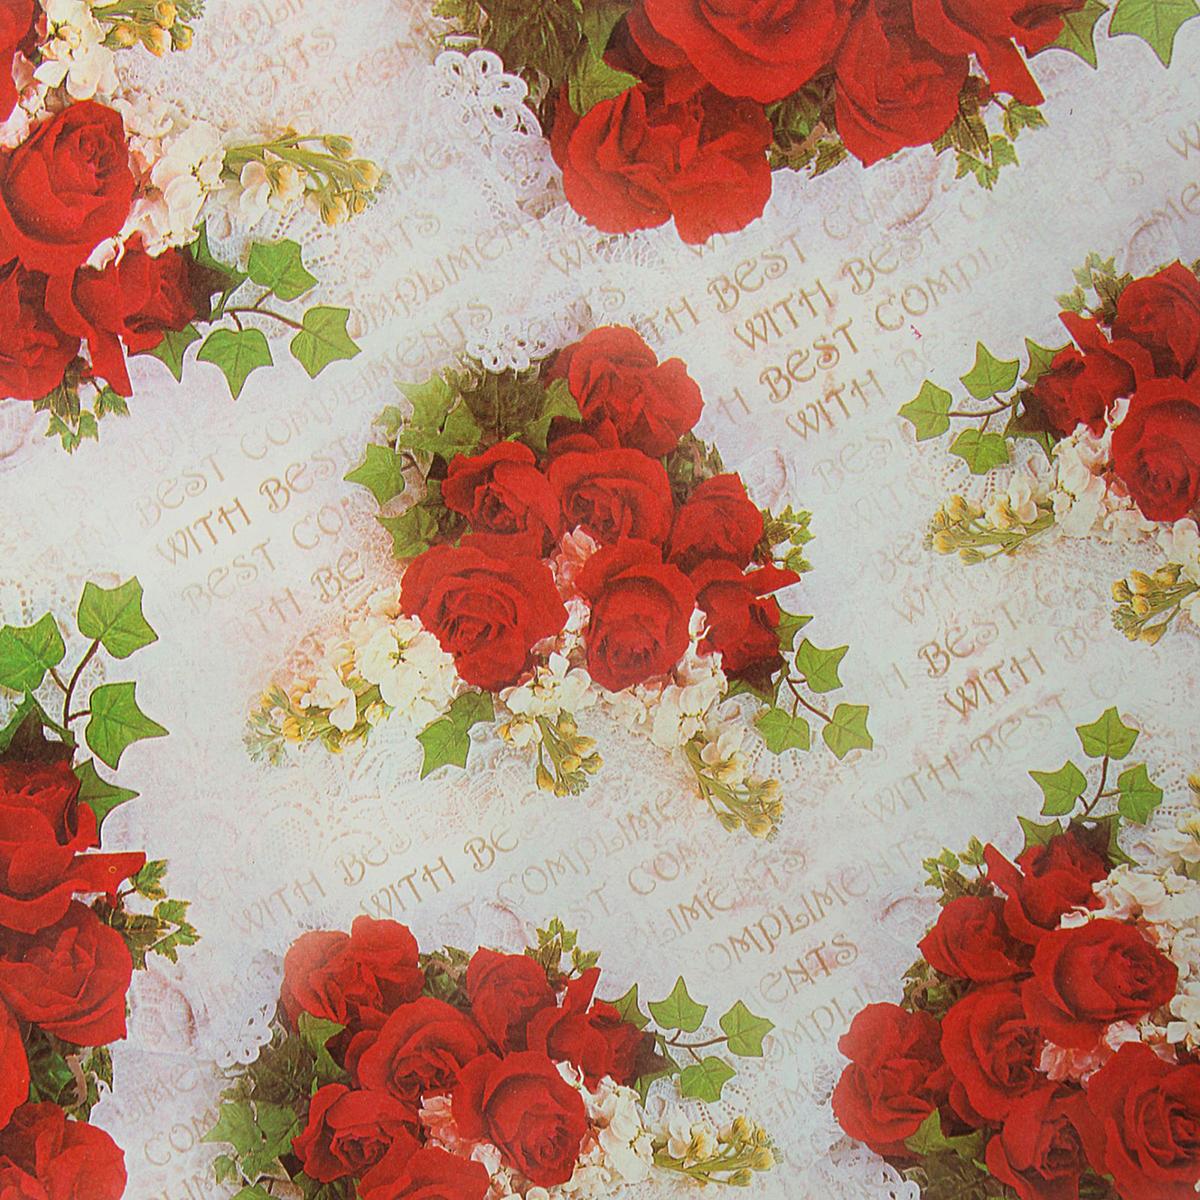 Бумага упаковочная Букет красивых роз, 50 х 70 см. 18820421882042Любой подарок начинается с упаковки. Что может быть трогательнее и волшебнее, чем ритуал разворачивания полученного презента. И именно оригинальная, со вкусом выбранная упаковка выделит ваш подарок из массы других. Она продемонстрирует самые тёплые чувства к виновнику торжества и создаст сказочную атмосферу праздника. Бумага упаковочная Букет красивых роз, 50 х 70 см — это то, что вы искали.